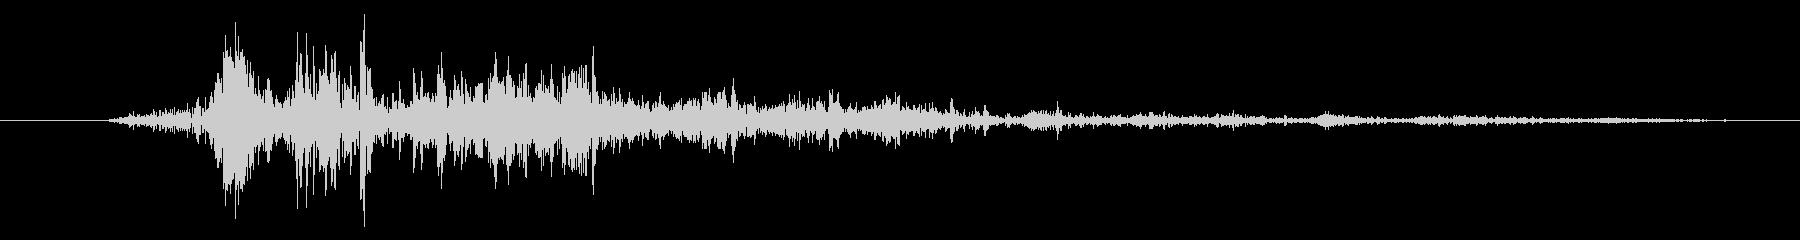 VAN エンジンダメージ02の未再生の波形